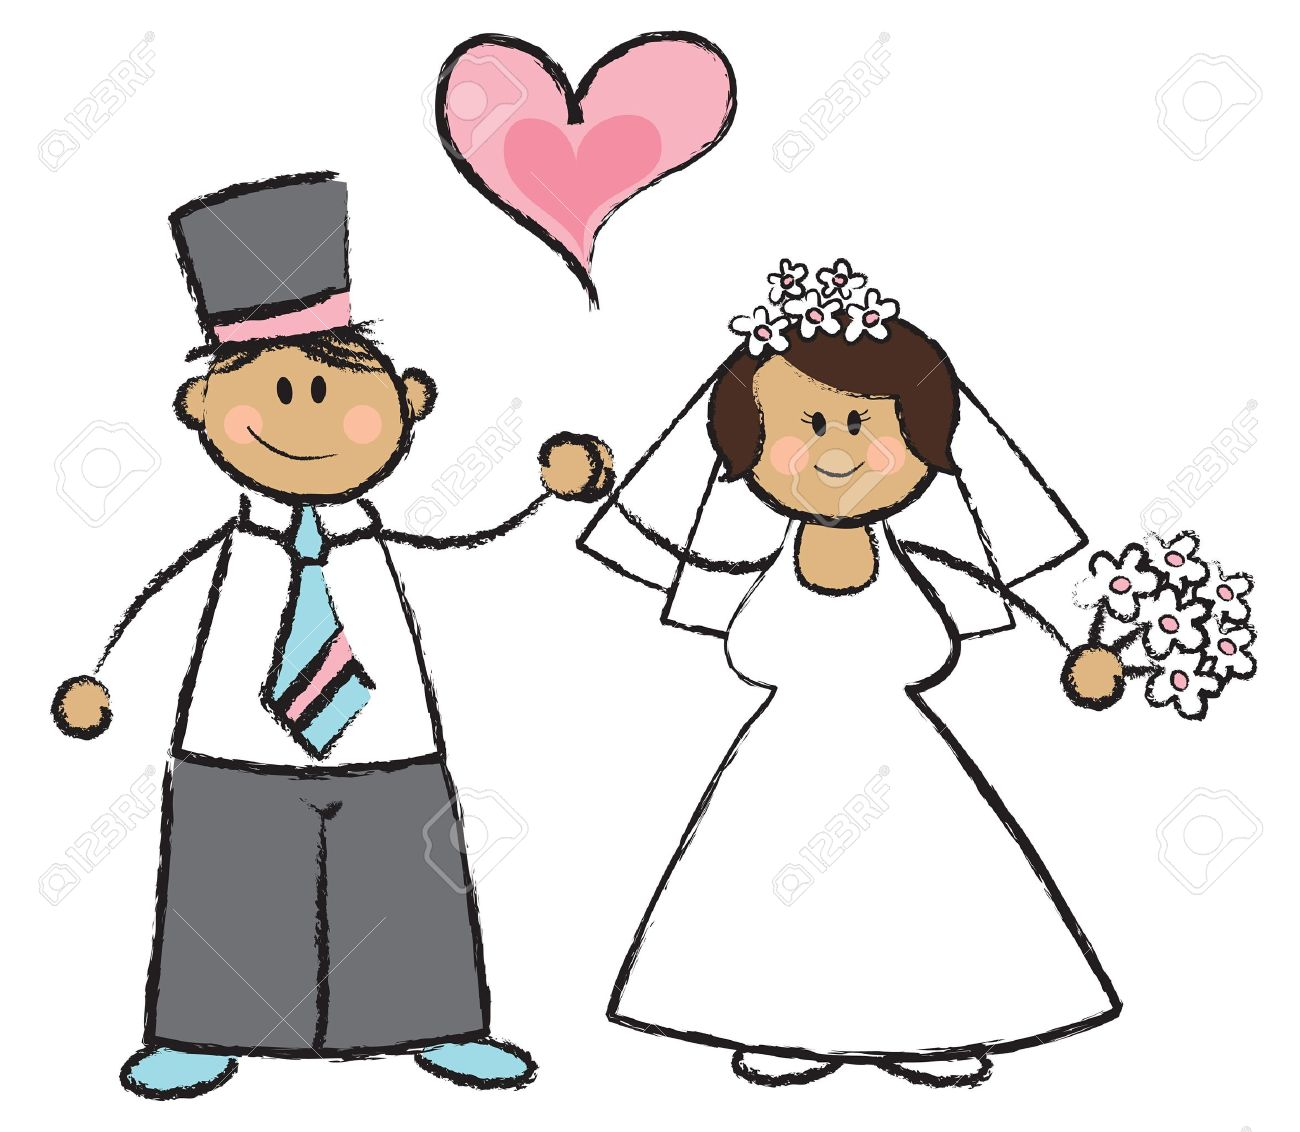 結婚したばかり !-結婚式のカップルのイラスト漫画 ロイヤリティ